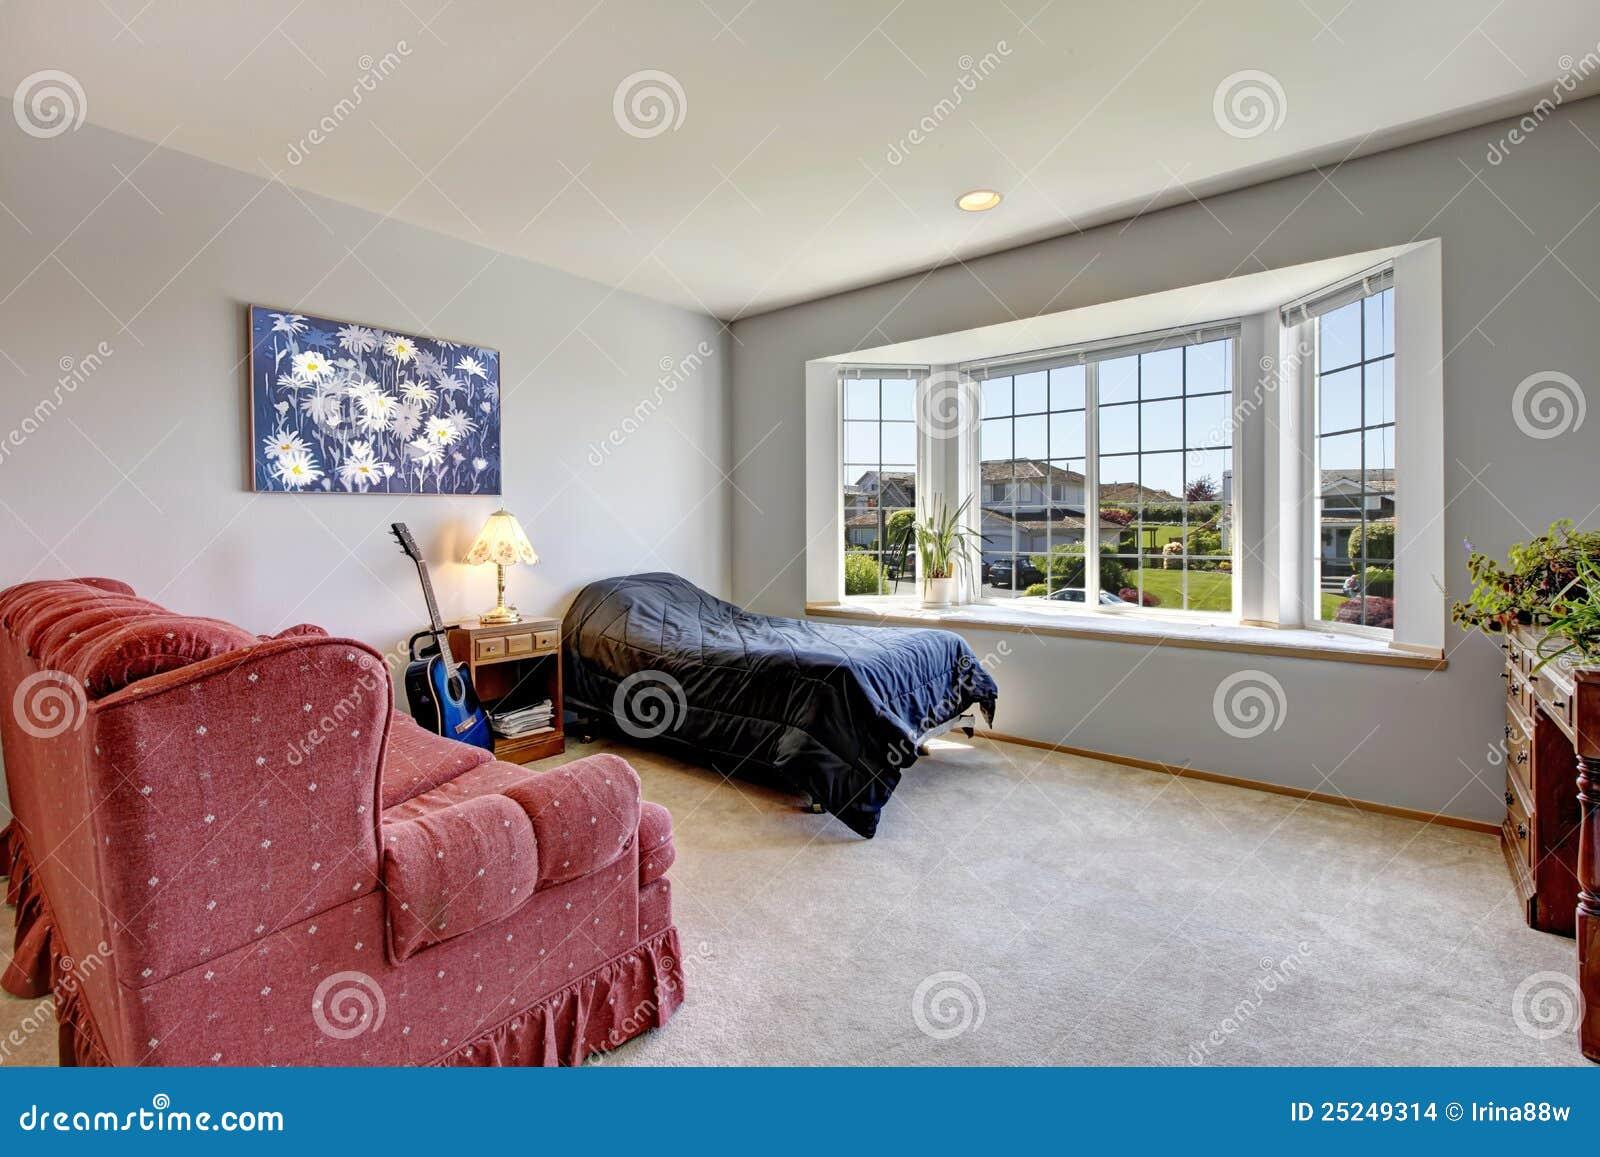 Finestra camera da letto - La finestra della camera da letto ...